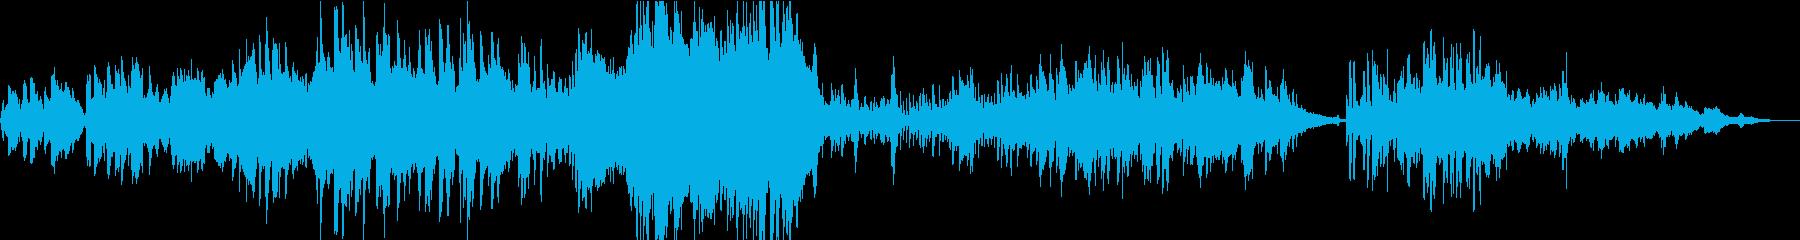 ヴァイオリン生演奏によるジュピターの再生済みの波形